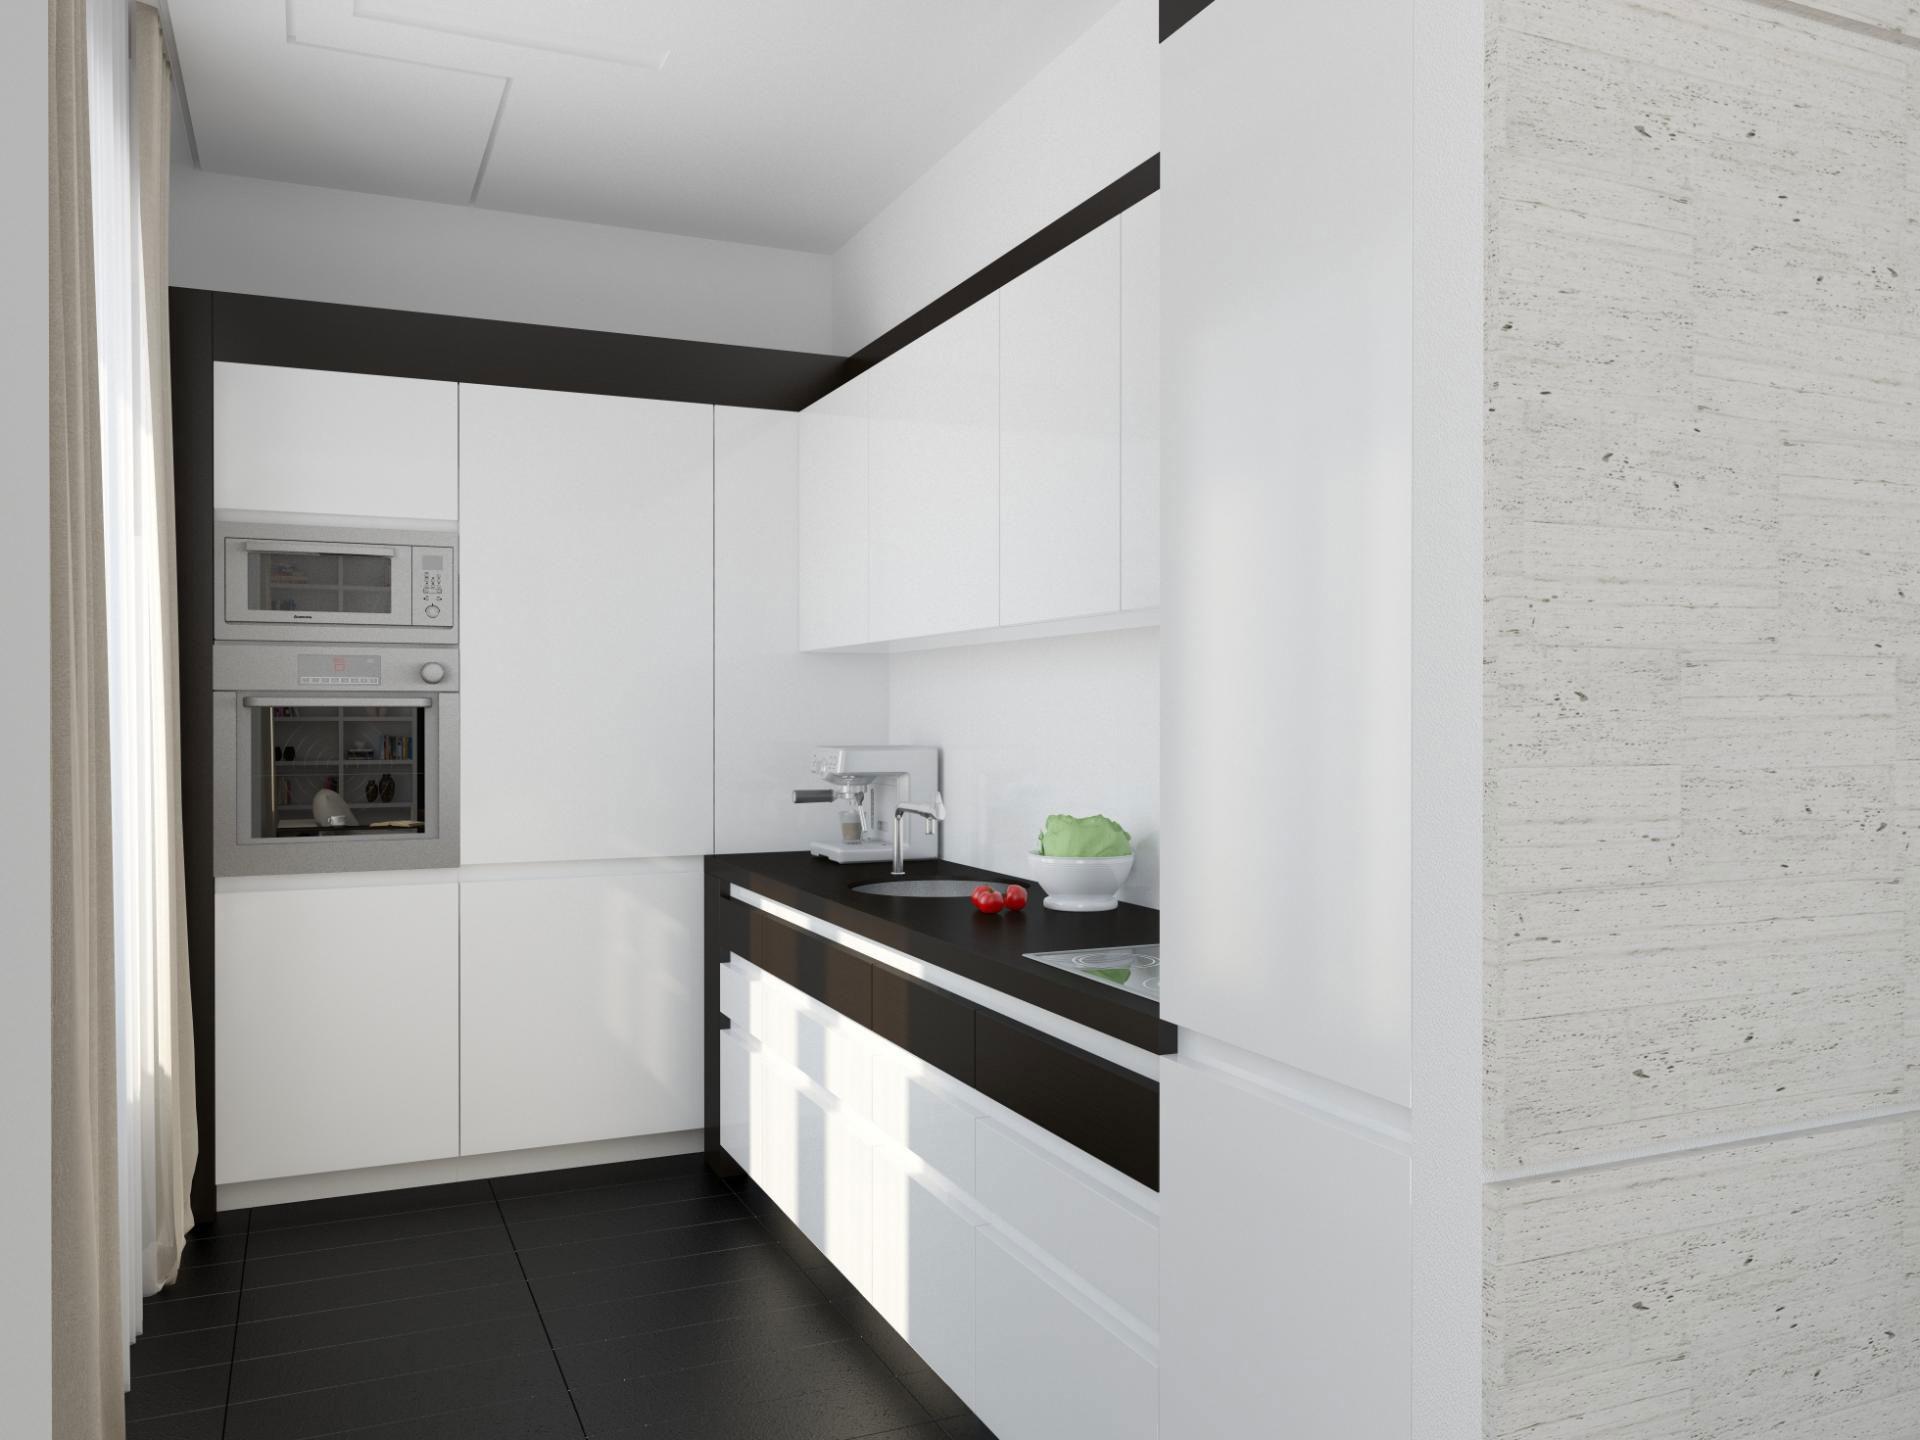 Дизайнерский интерьер небольшой кухни - фото 8